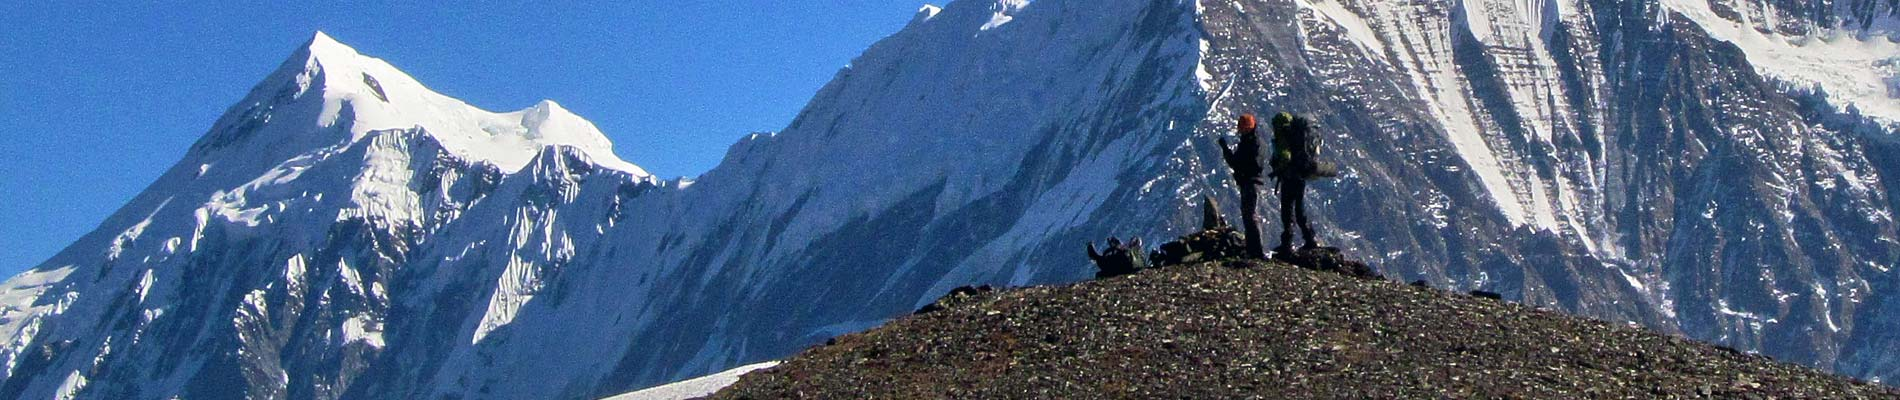 Перечень горной обуви для восхождений в горах до 4000 метров